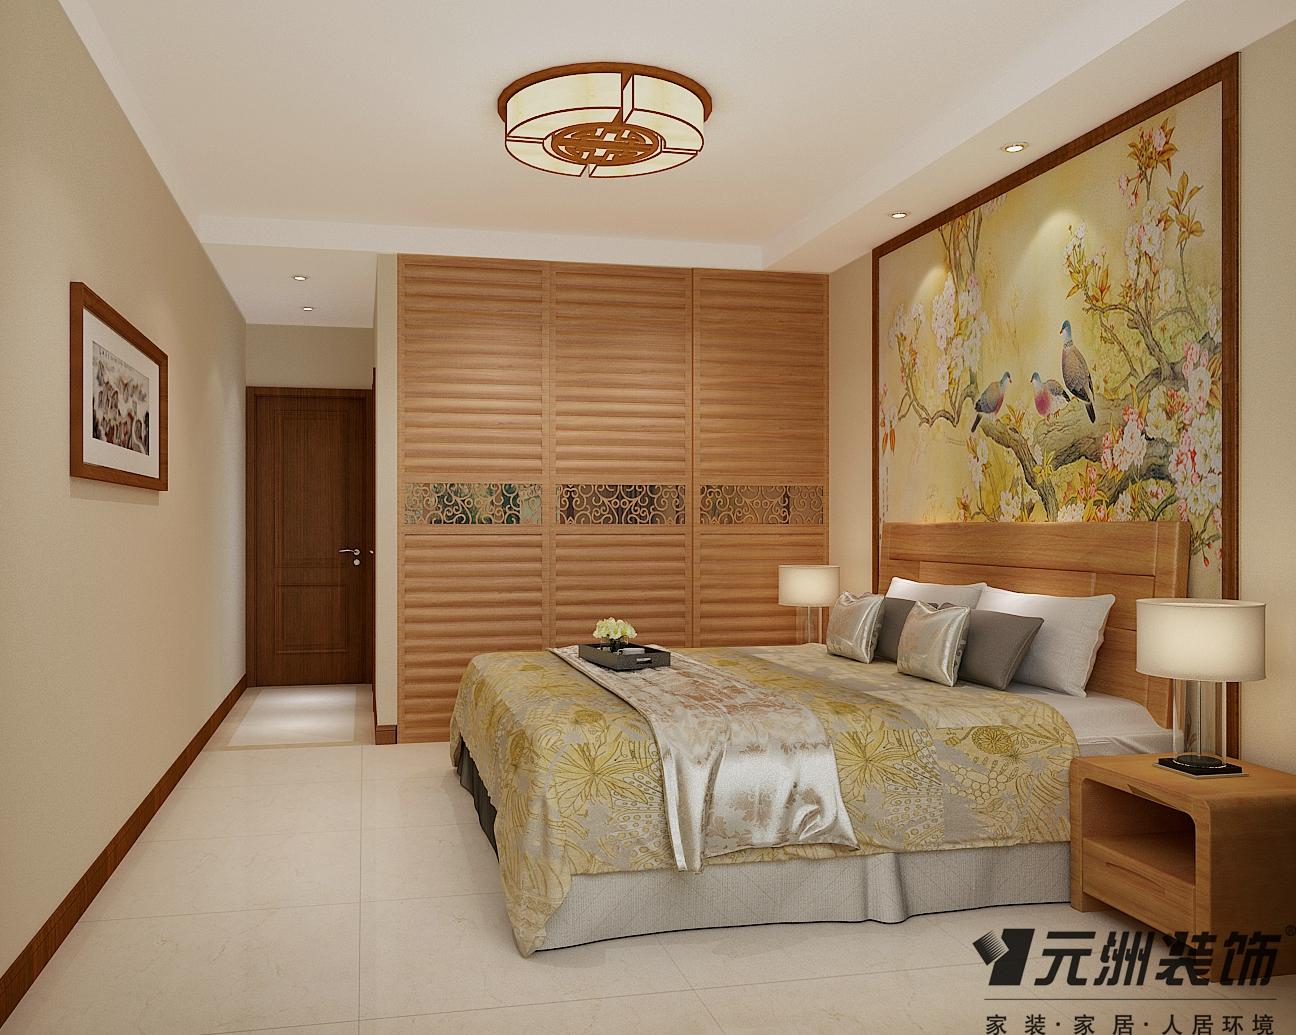 新中式风格 元洲装饰 国瑞城装修 卧室图片来自石家庄-小程在瑞城168平米新中式风格效果图的分享